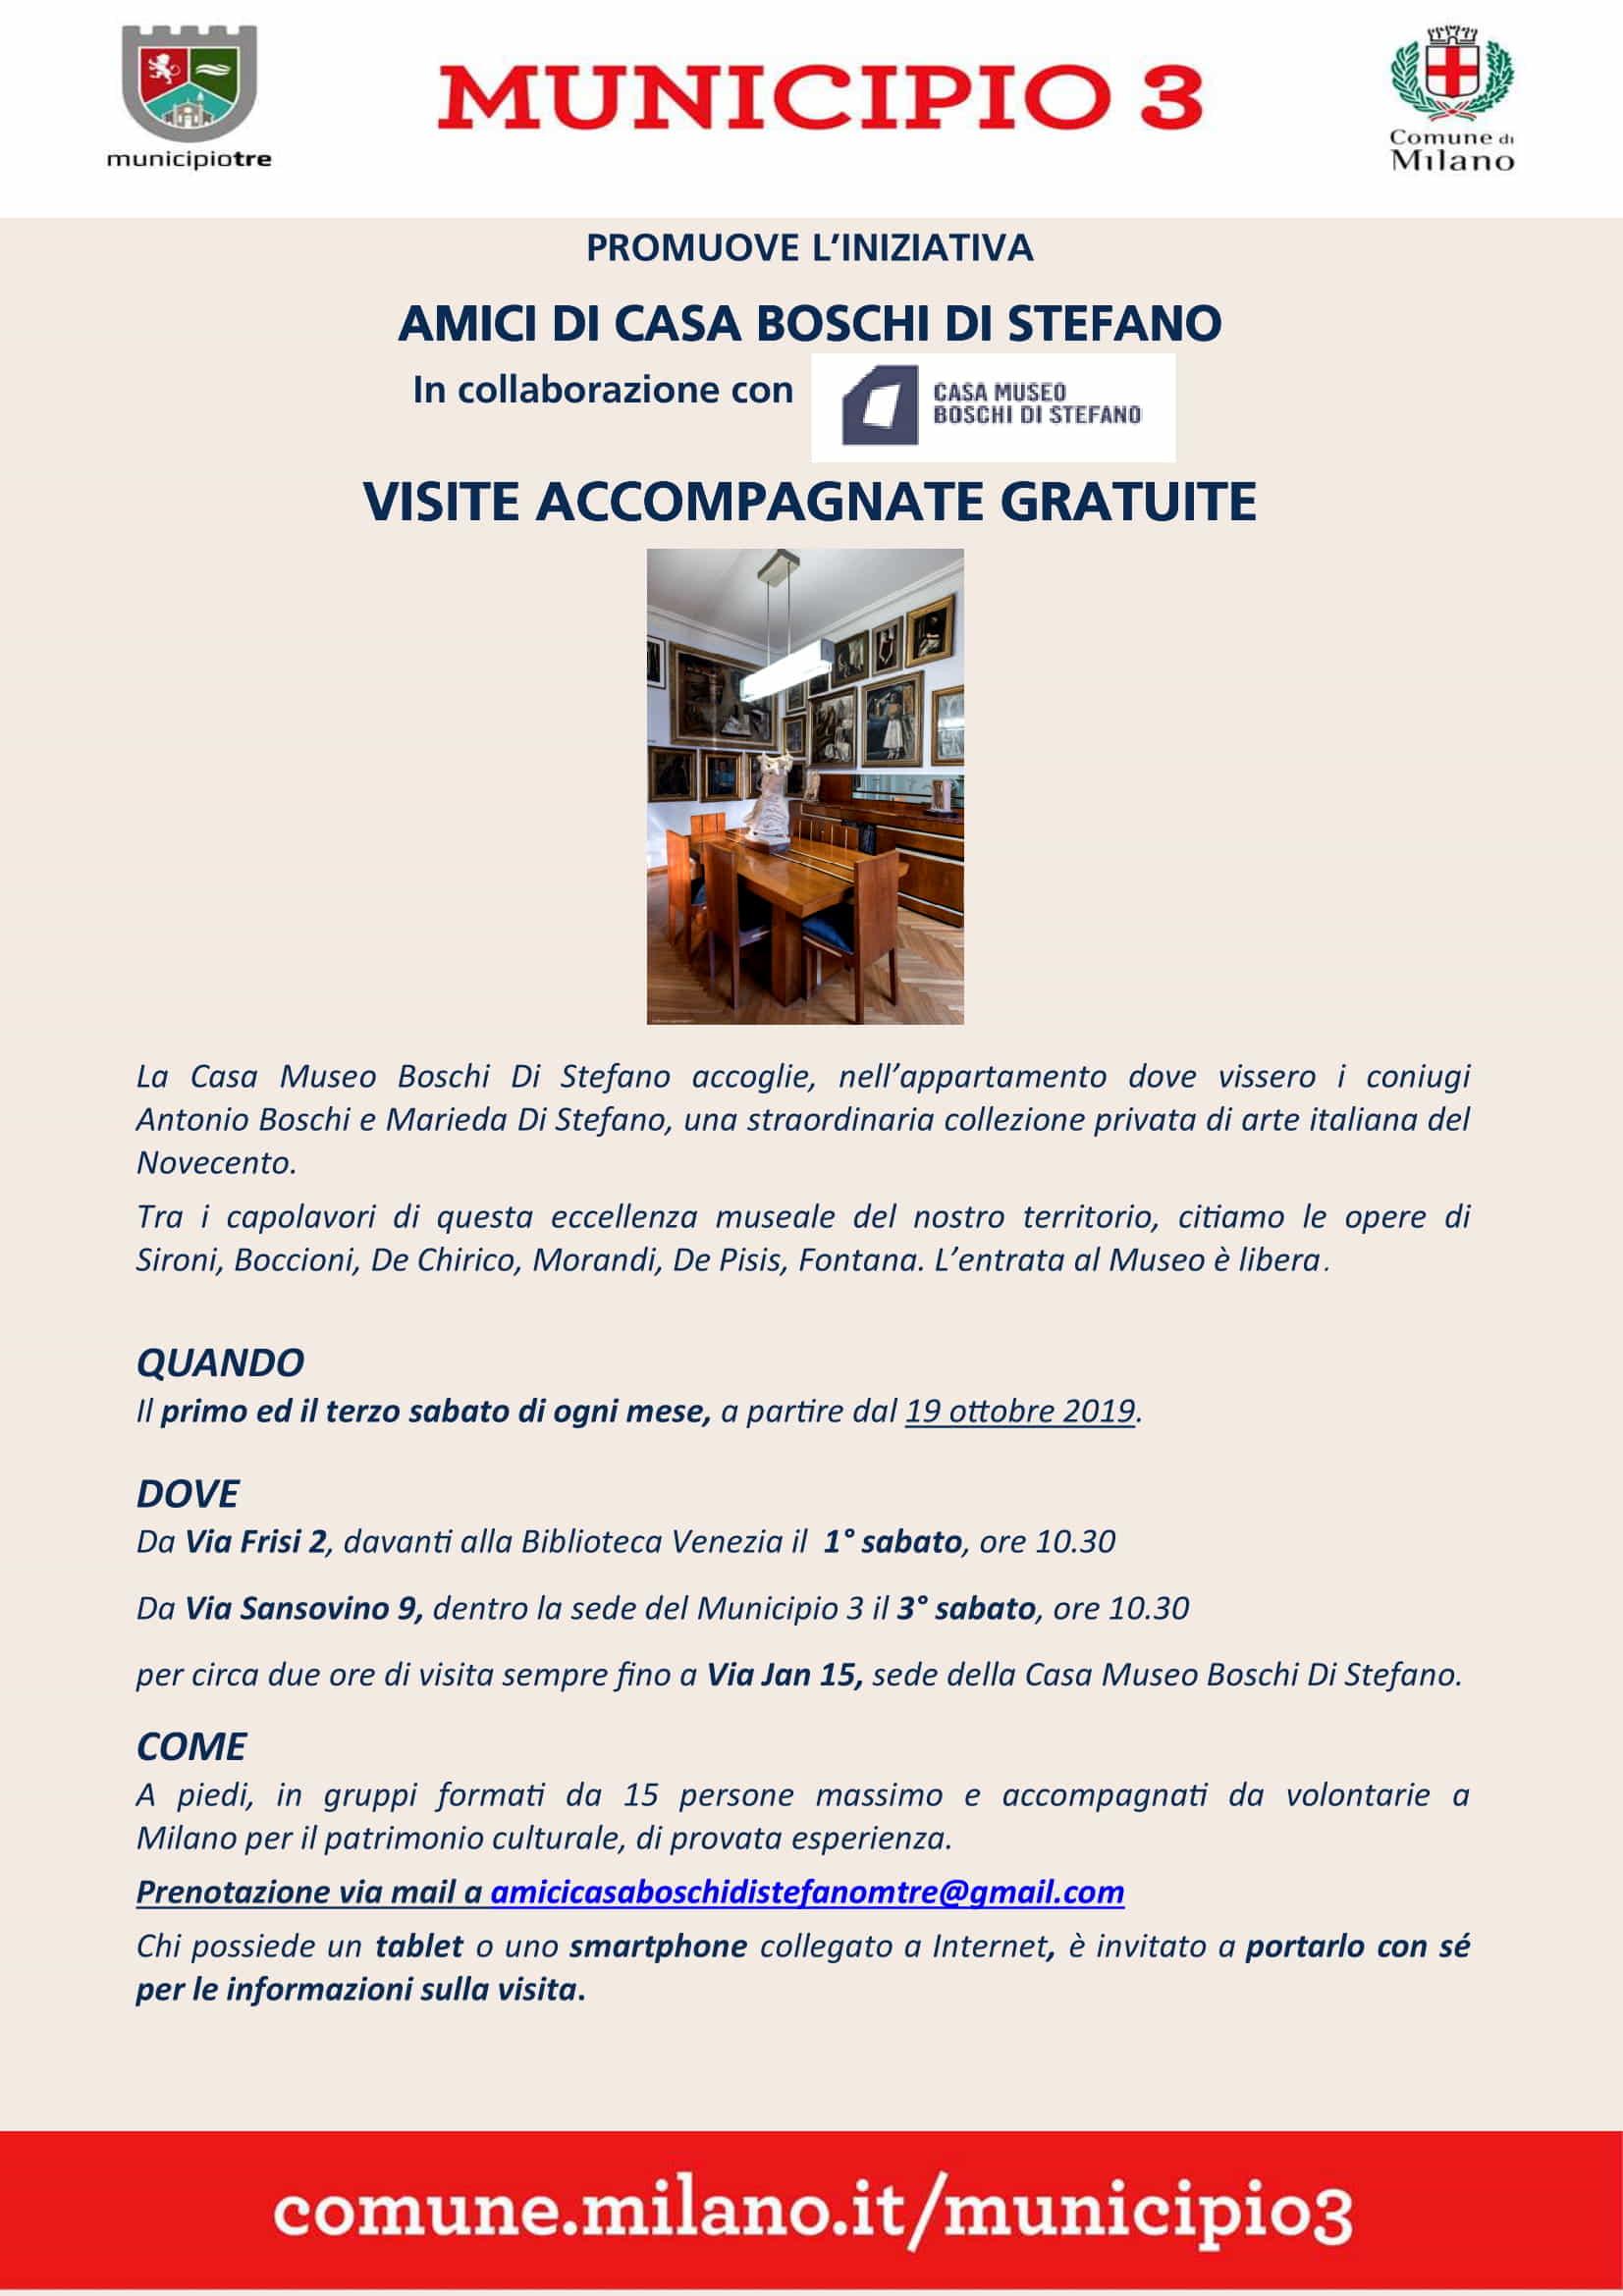 Casa Boschi Di stefano 2019-2